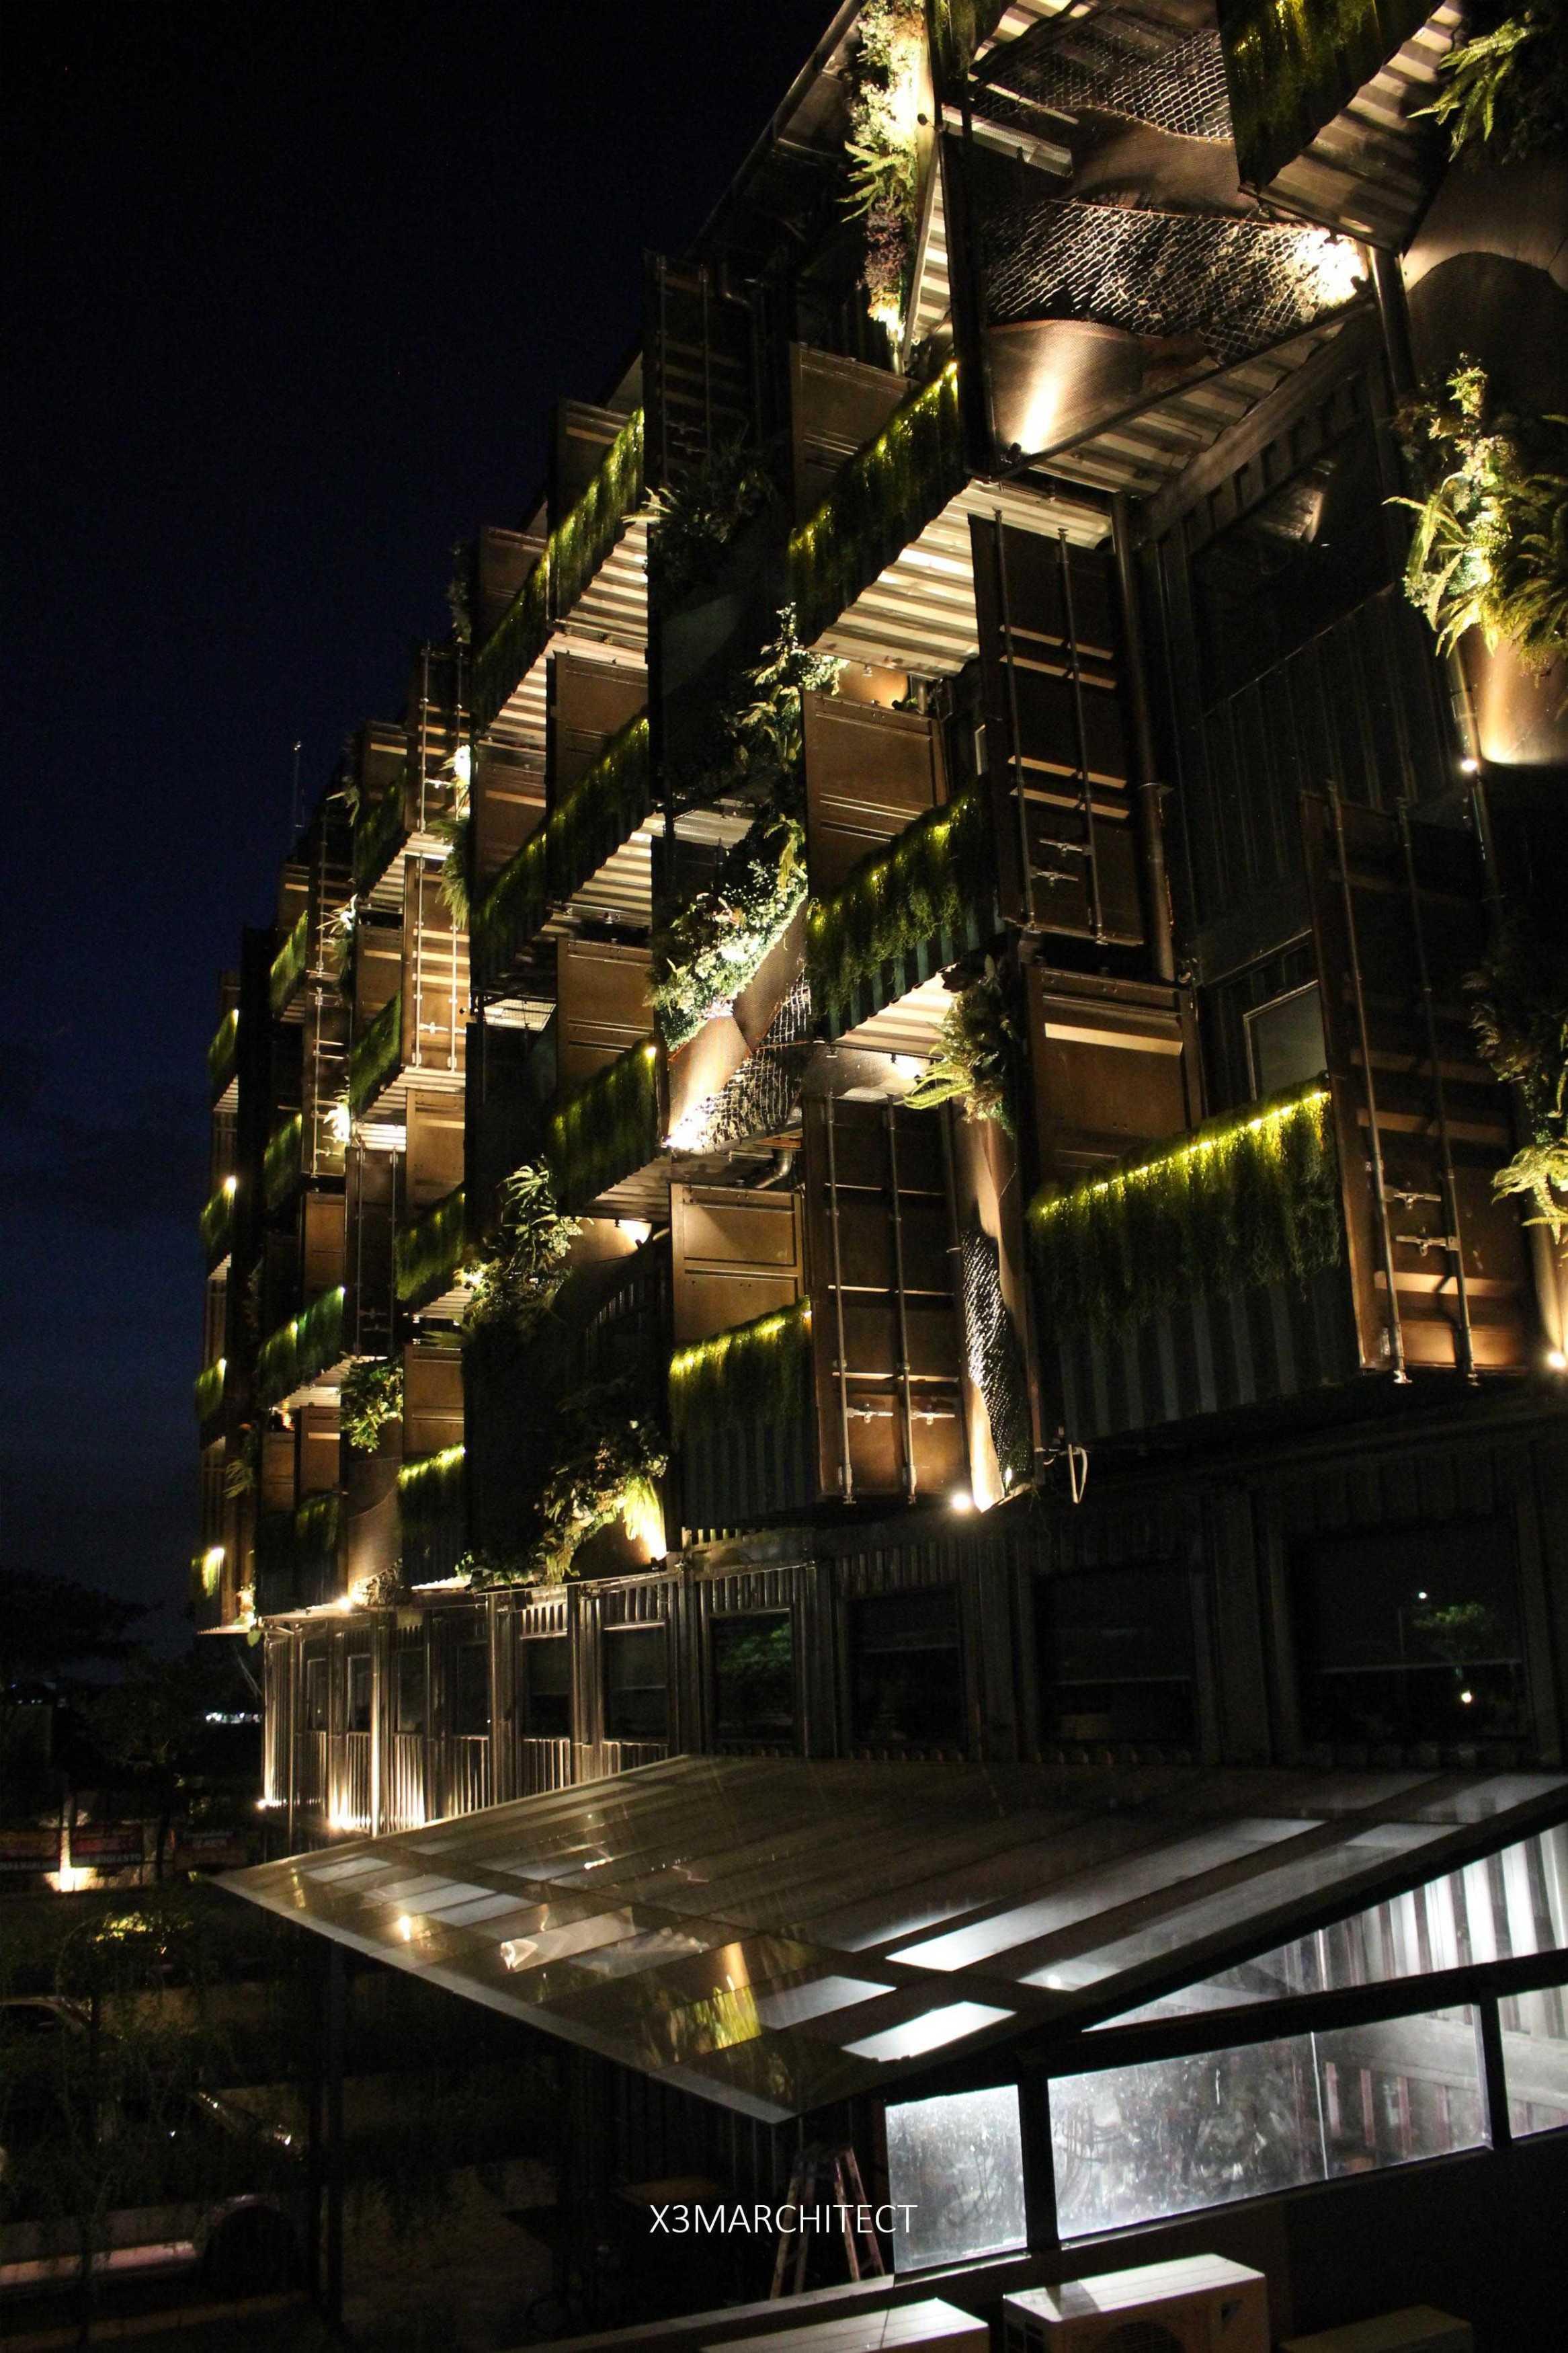 X3M Architects Qubika Hotel Medang, Kec. Pagedangan, Tangerang, Banten 15334, Indonesia Medang, Kec. Pagedangan, Tangerang, Banten 15334, Indonesia X3M-Architects-Qubika-Hotel   94829